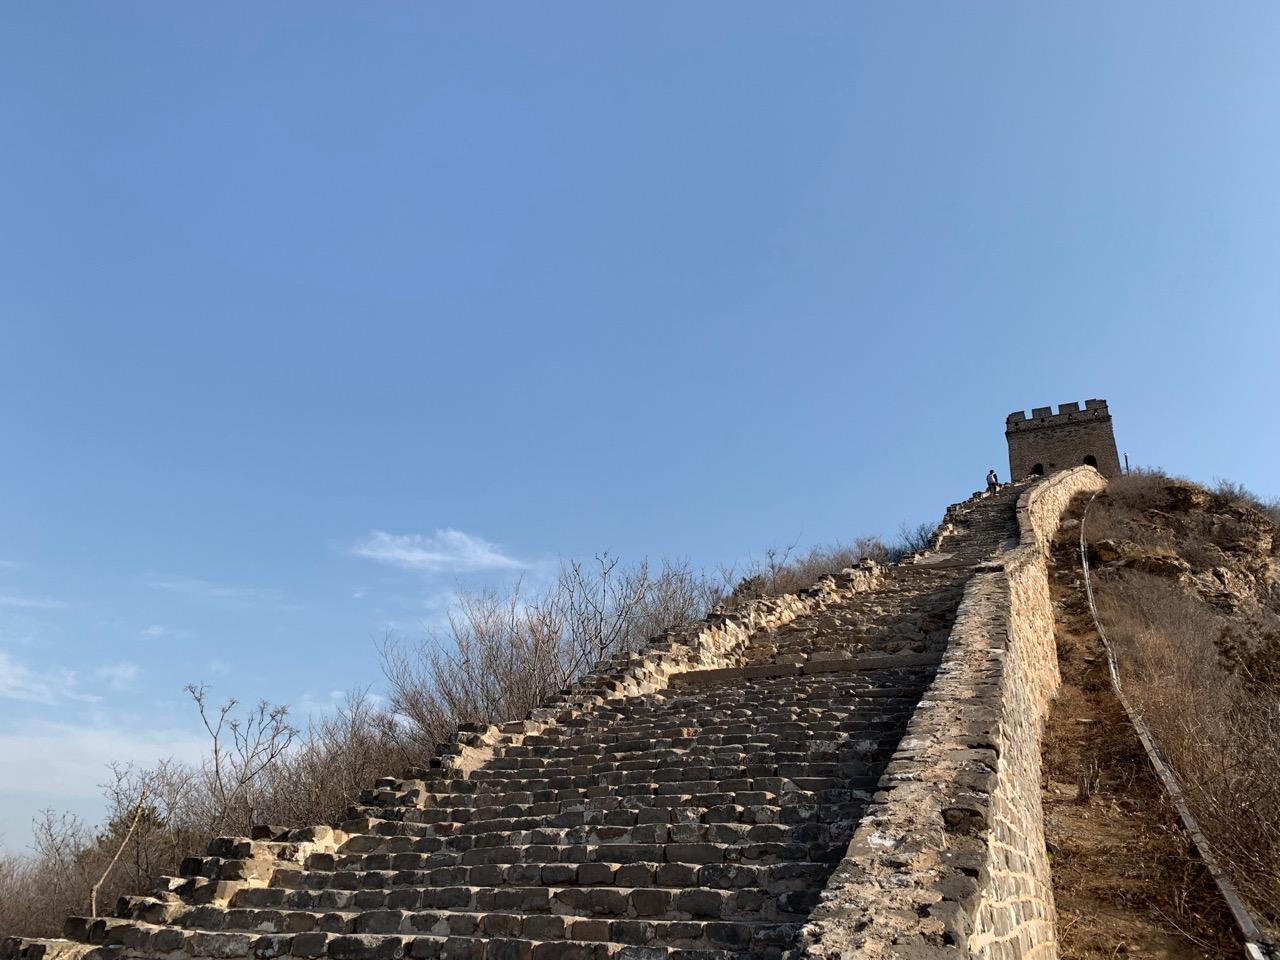 Het steilste stuk van Simatai waar wij op konden